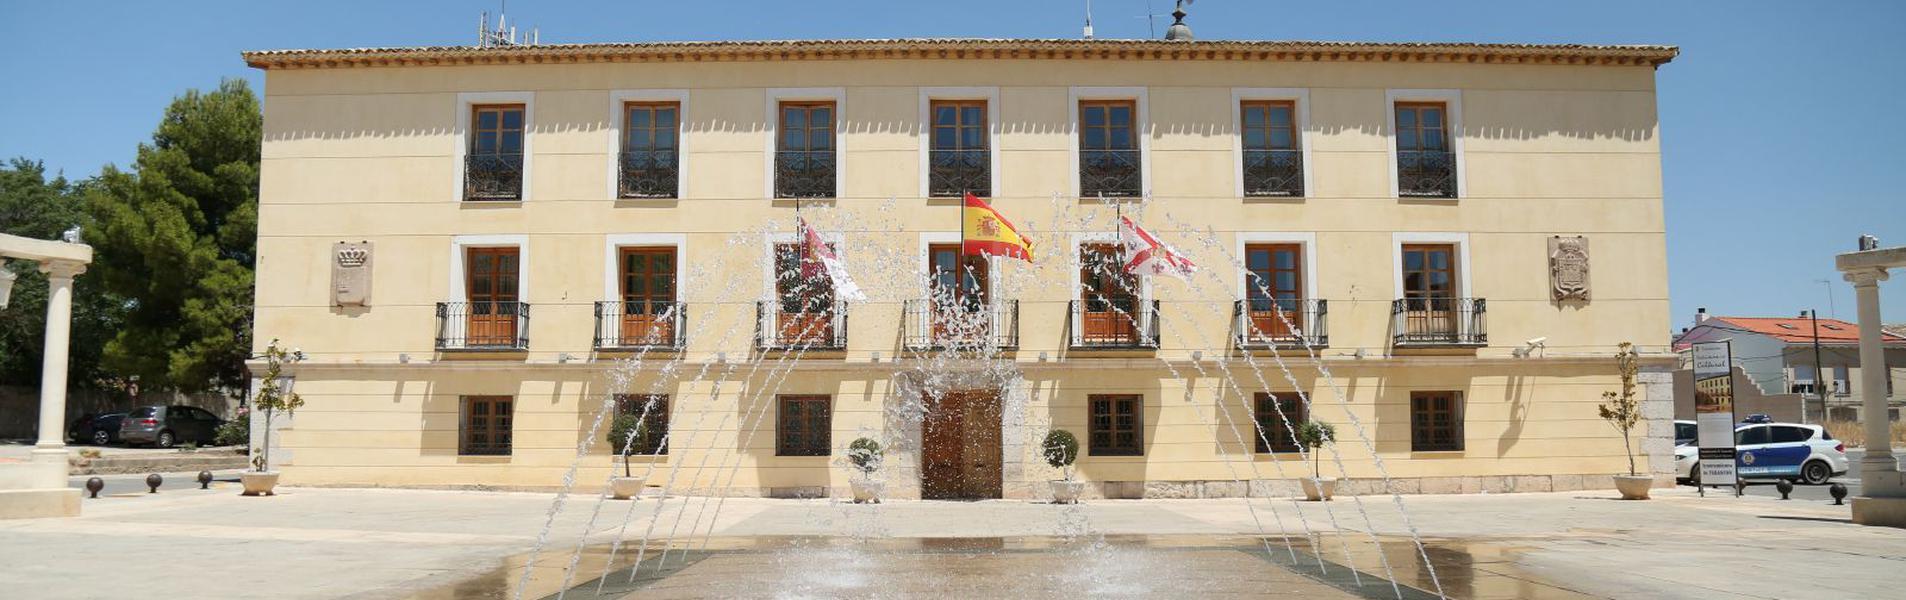 Palacio de los Duques de Riánsares